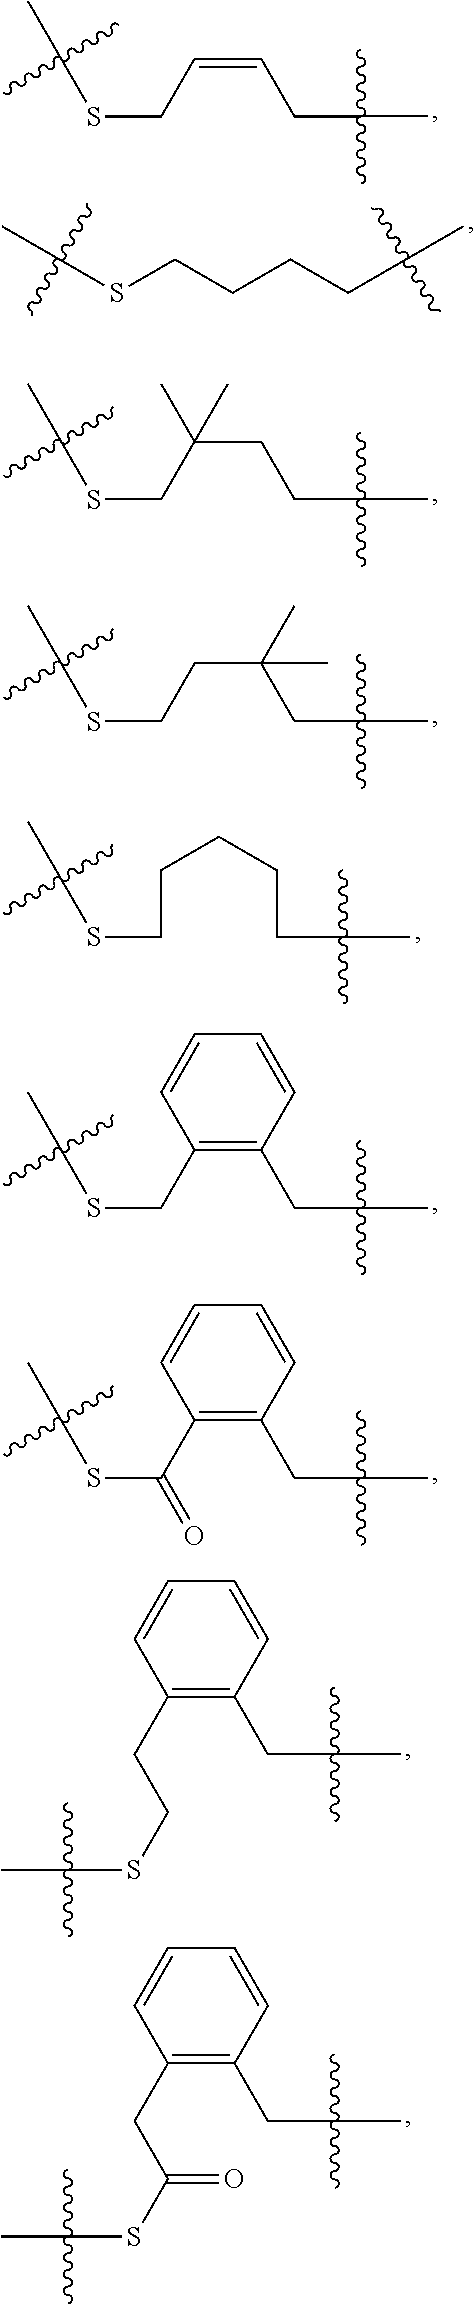 Figure US09982257-20180529-C00028